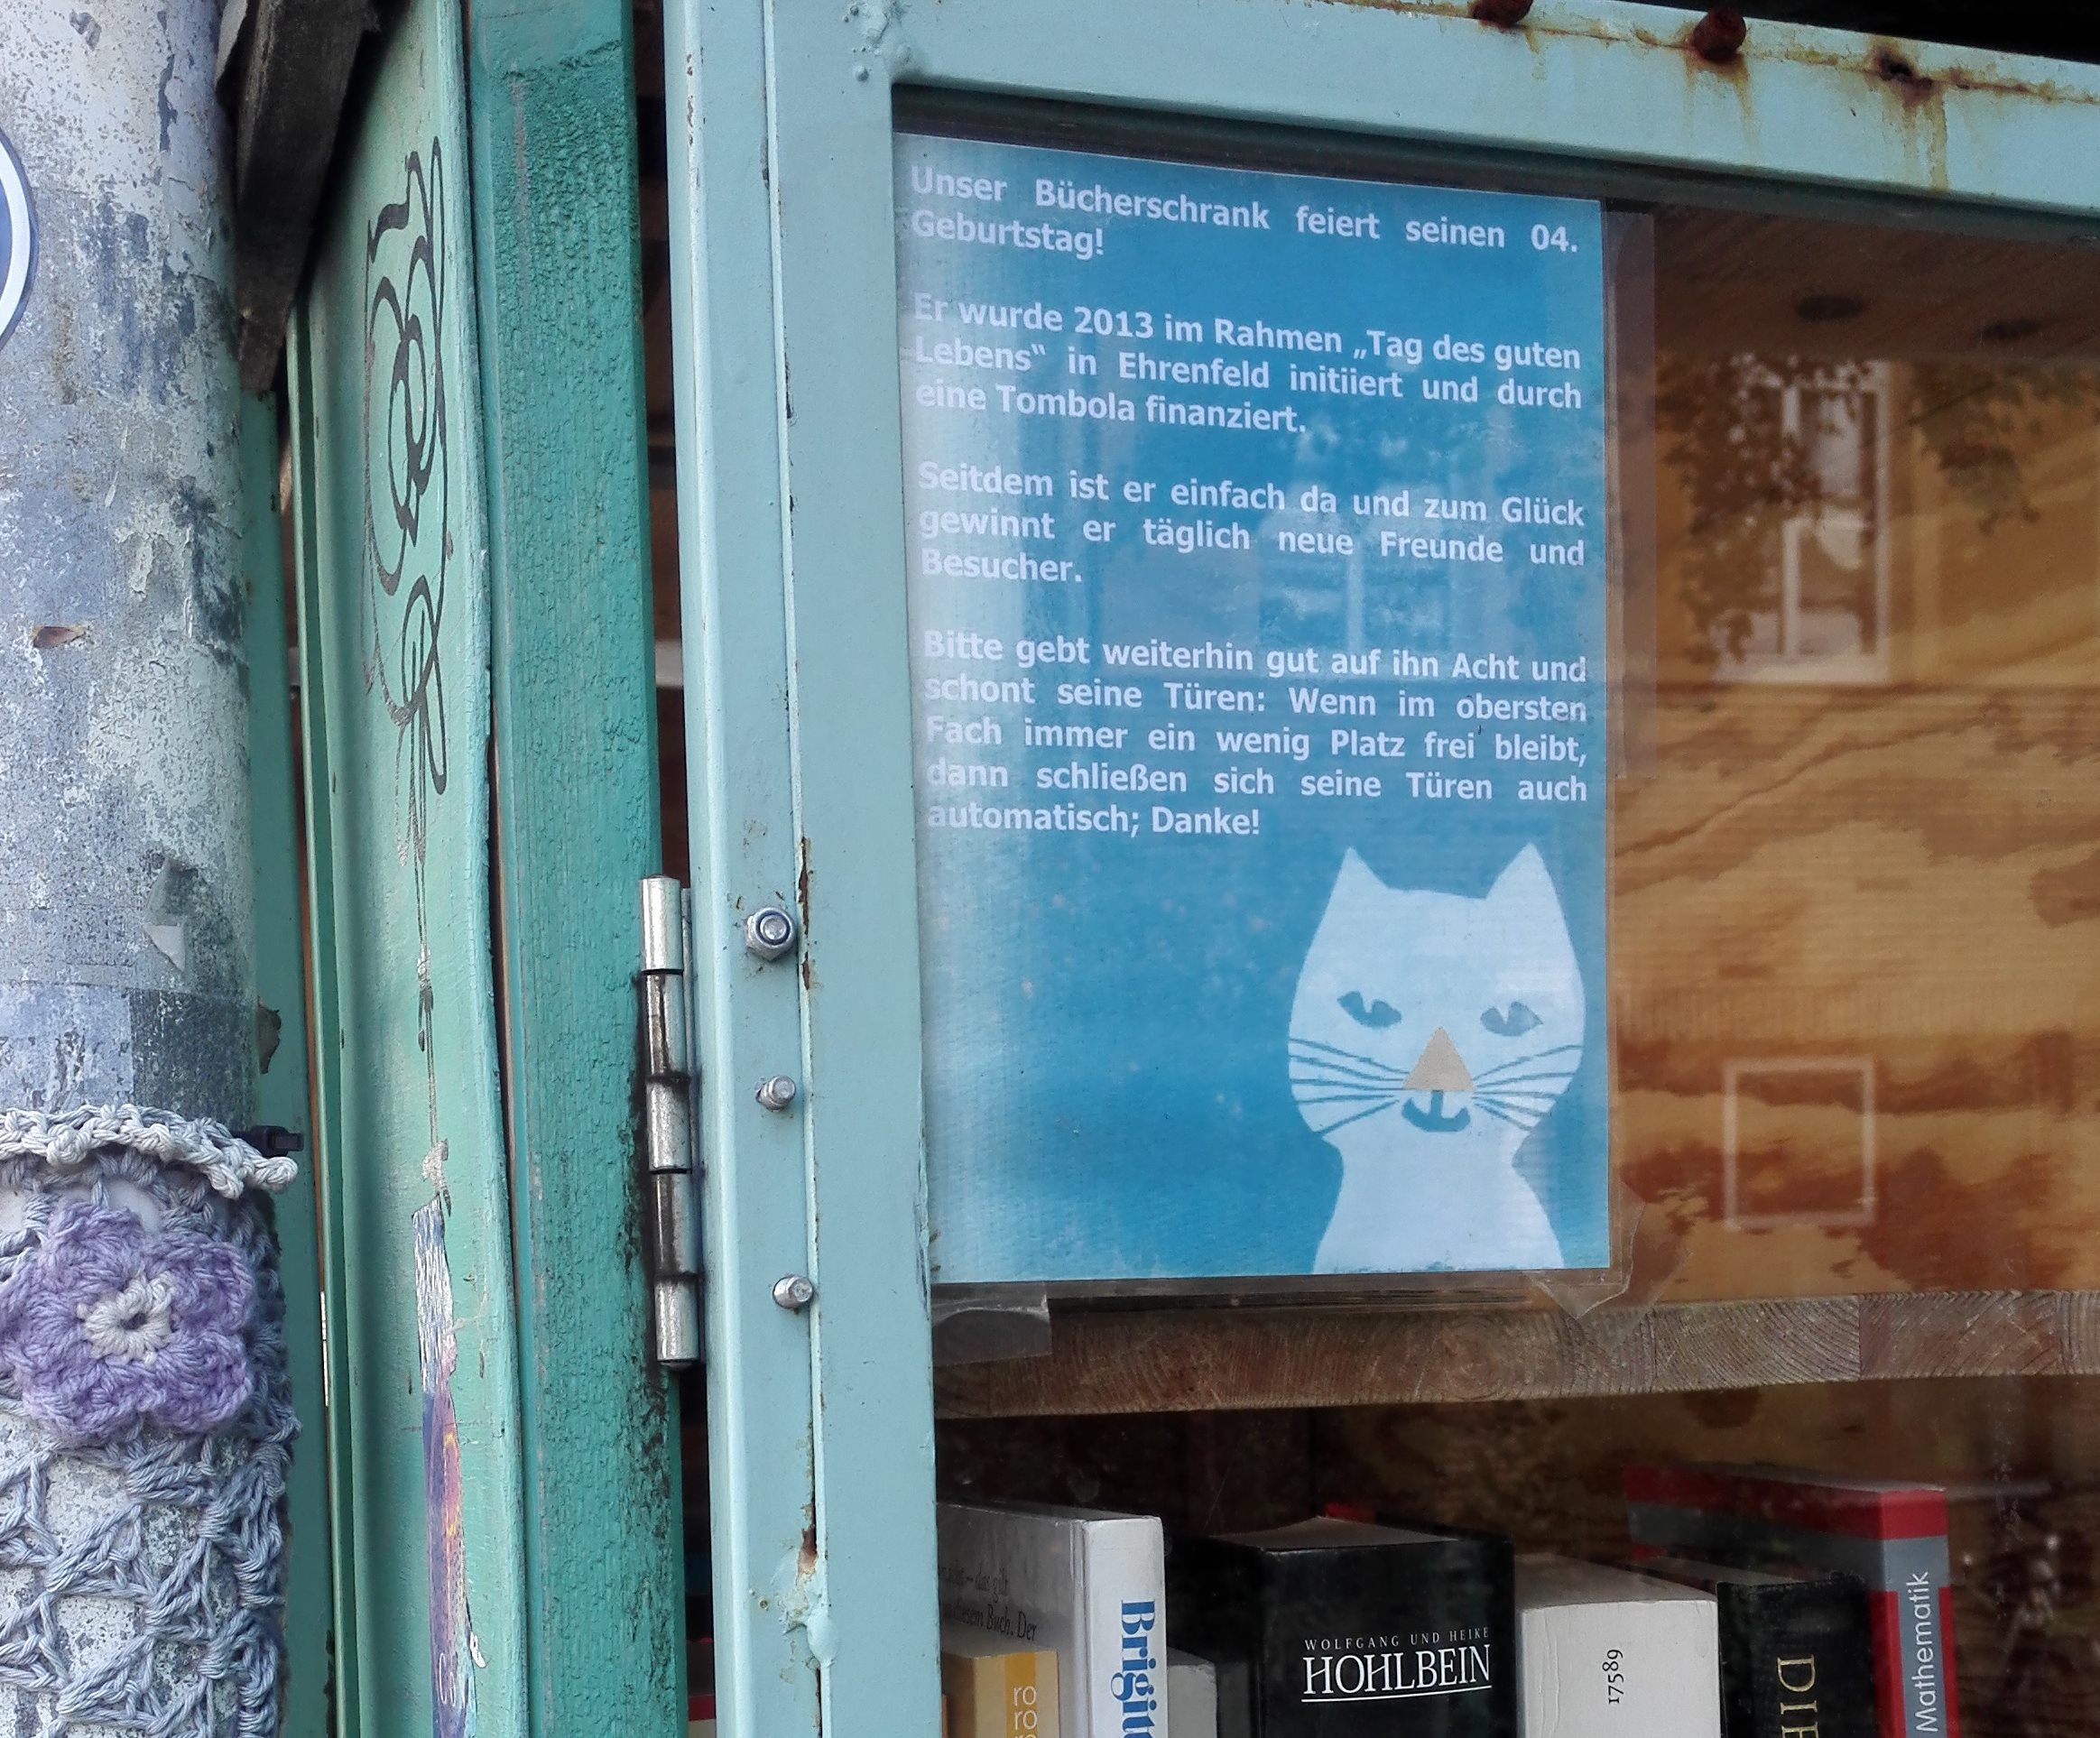 #Lektorenalltag: Bücherschrank in Köln